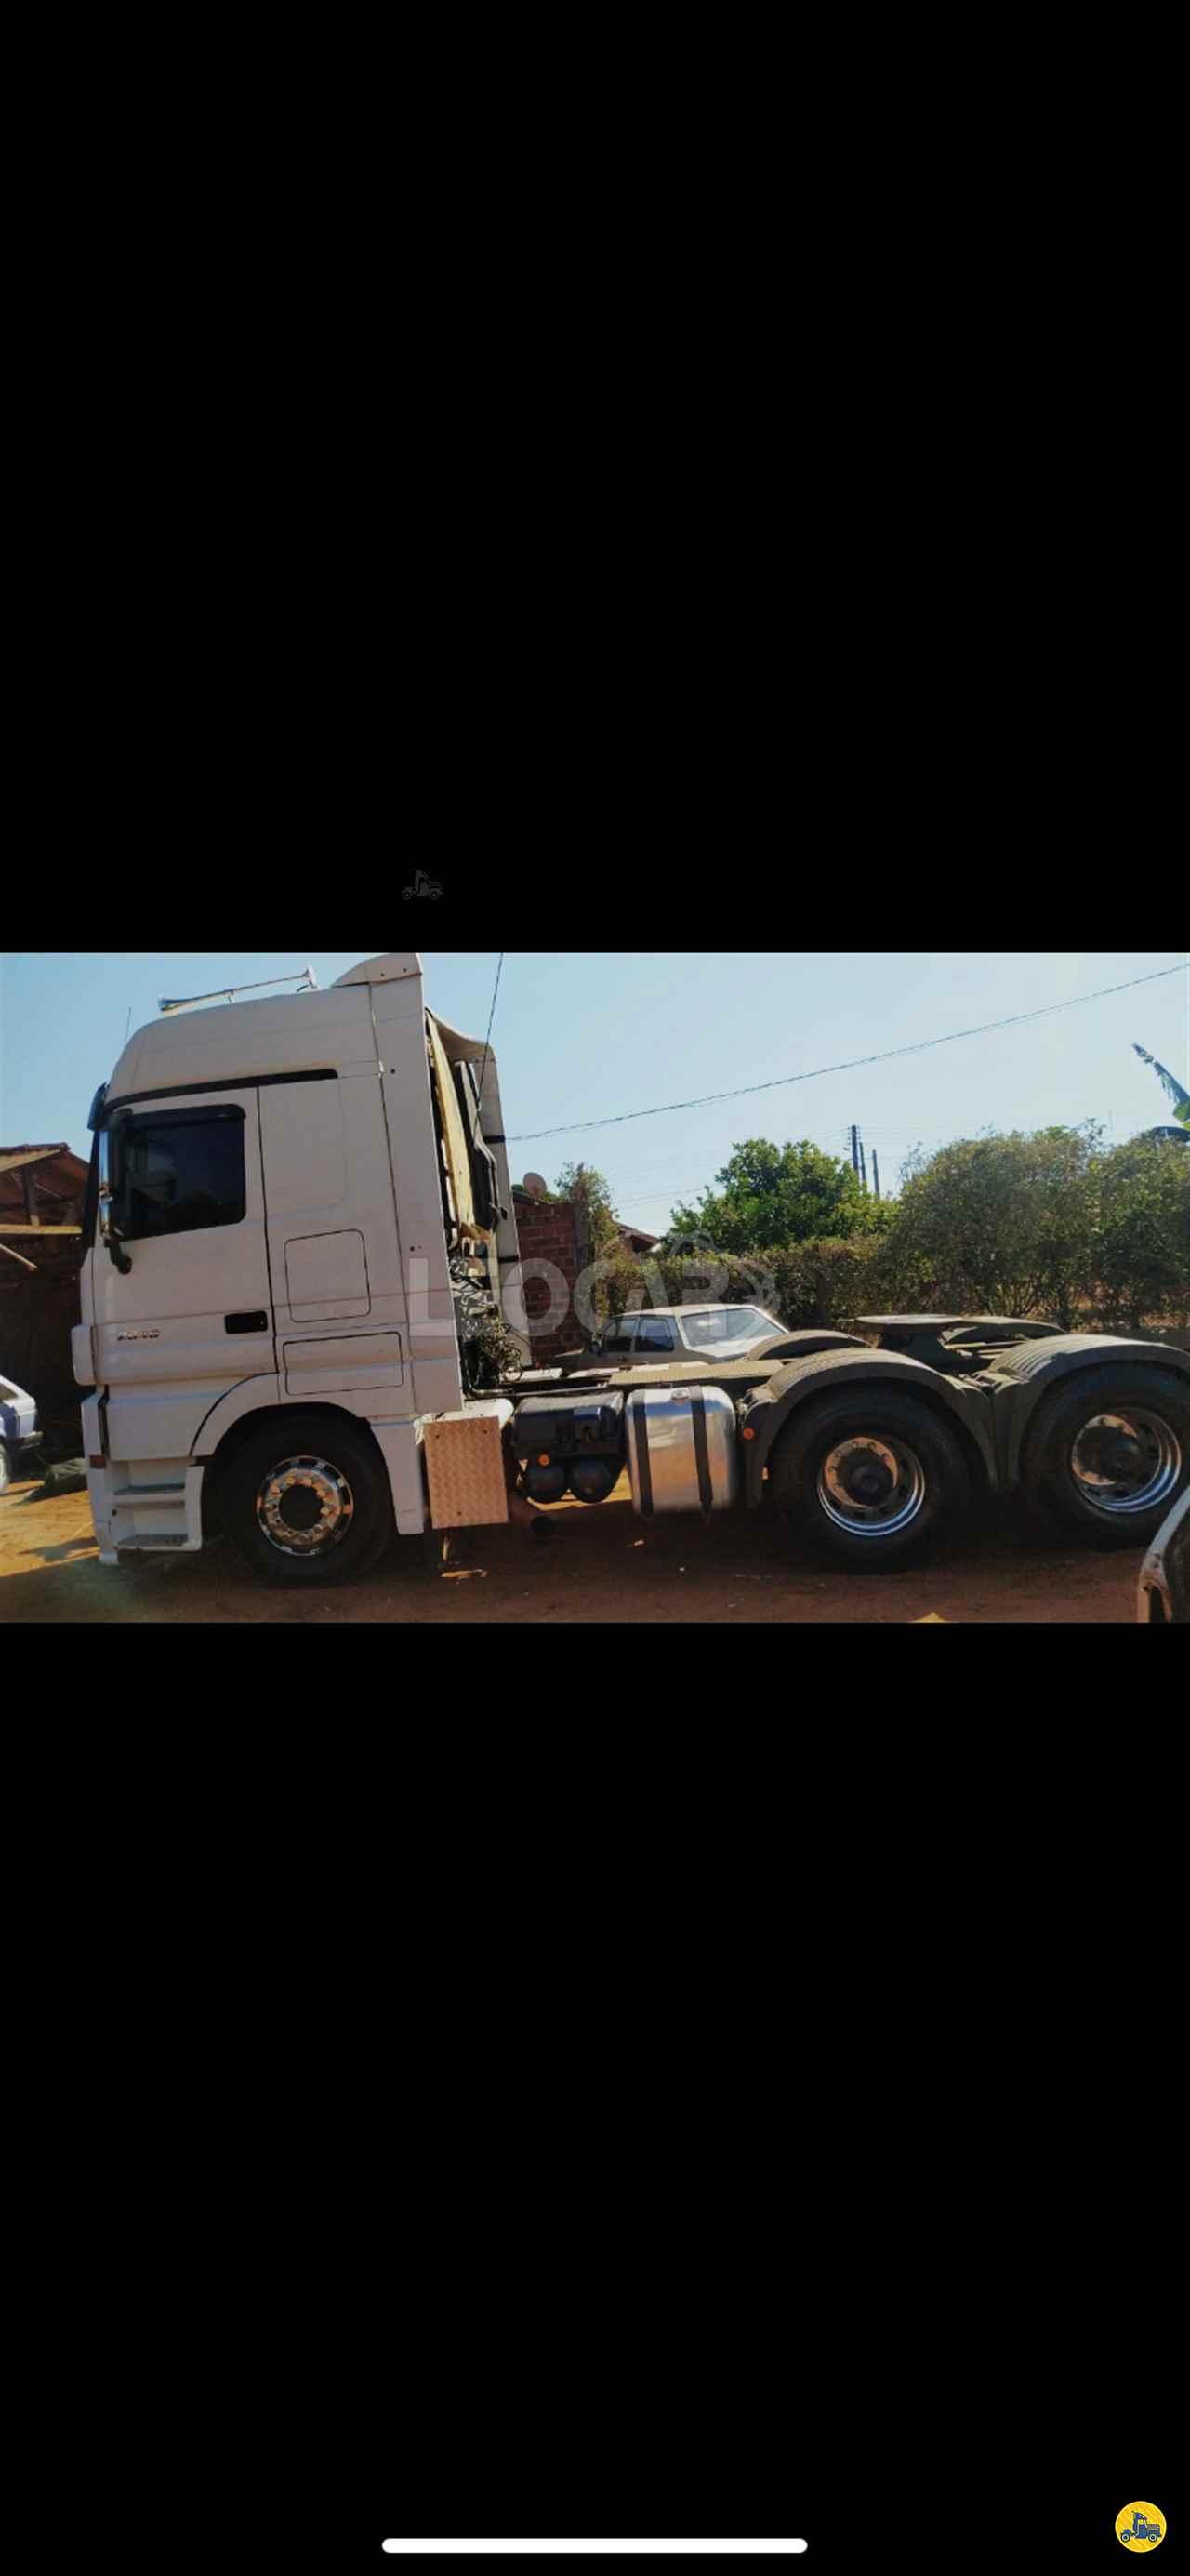 CAMINHAO MERCEDES-BENZ MB 2646 Cavalo Mecânico Traçado 6x4 Leocar Caminhões PRIMAVERA DO LESTE MATO GROSSO MT